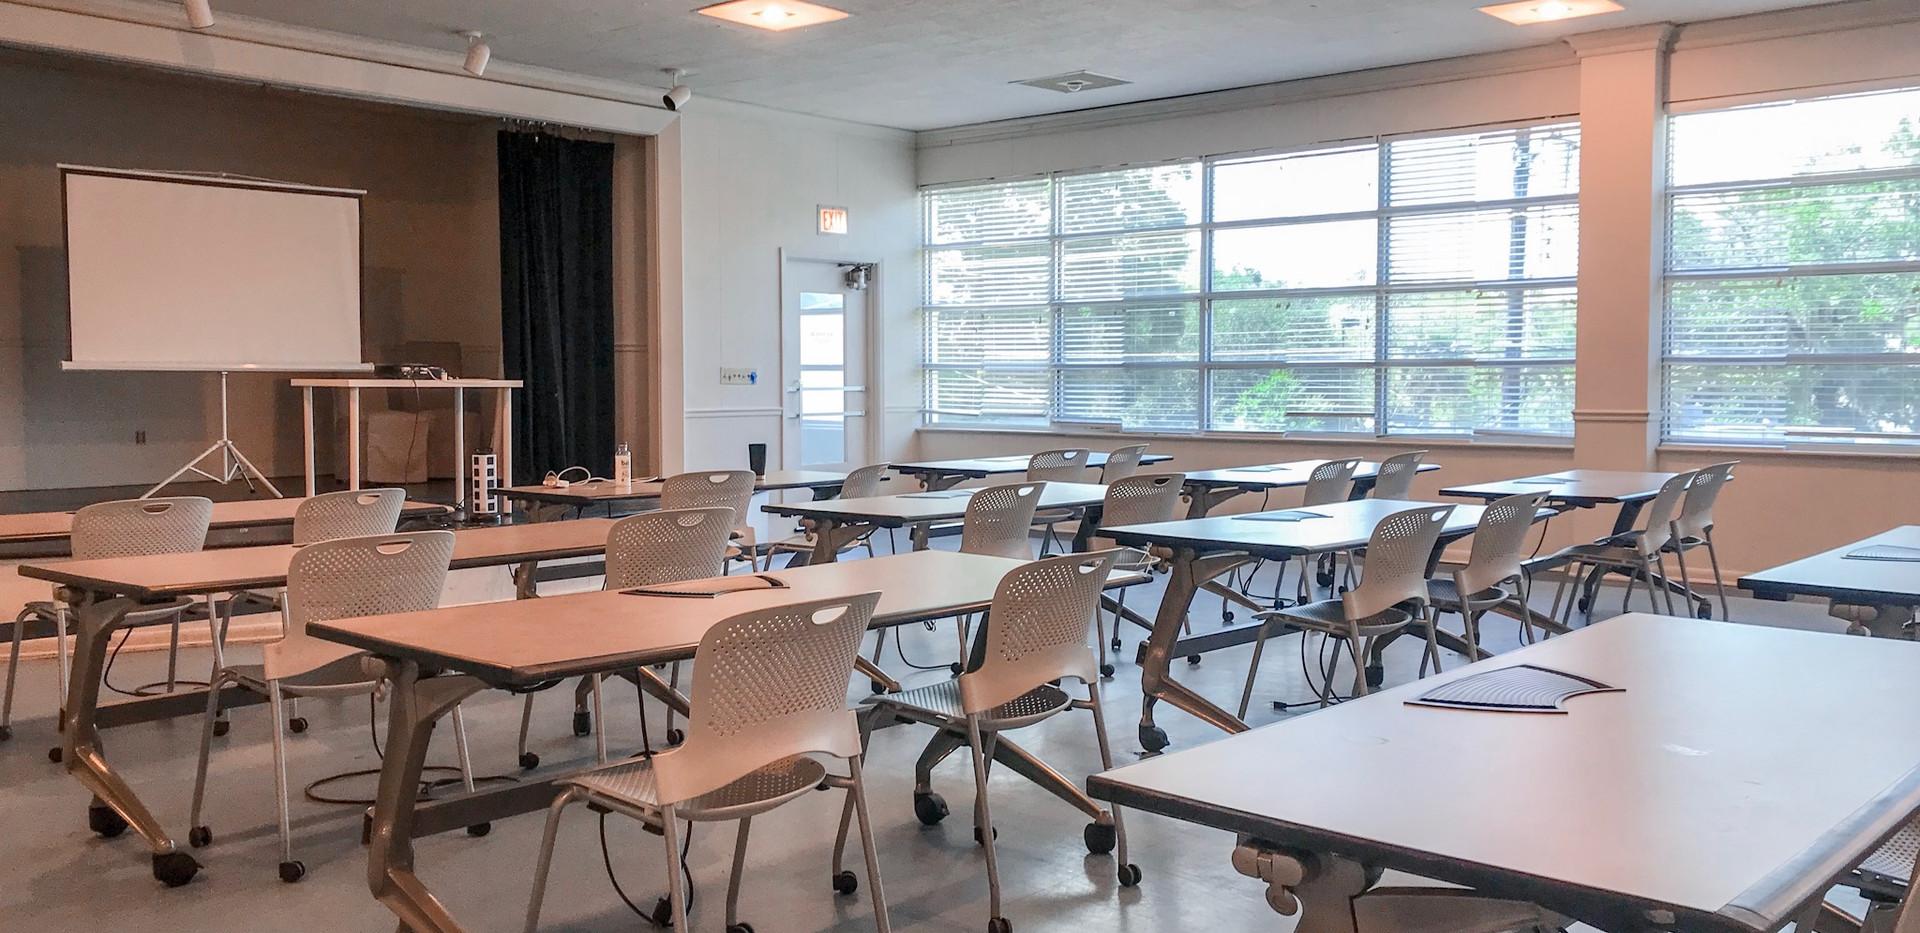 Auditorium/Meeting Room